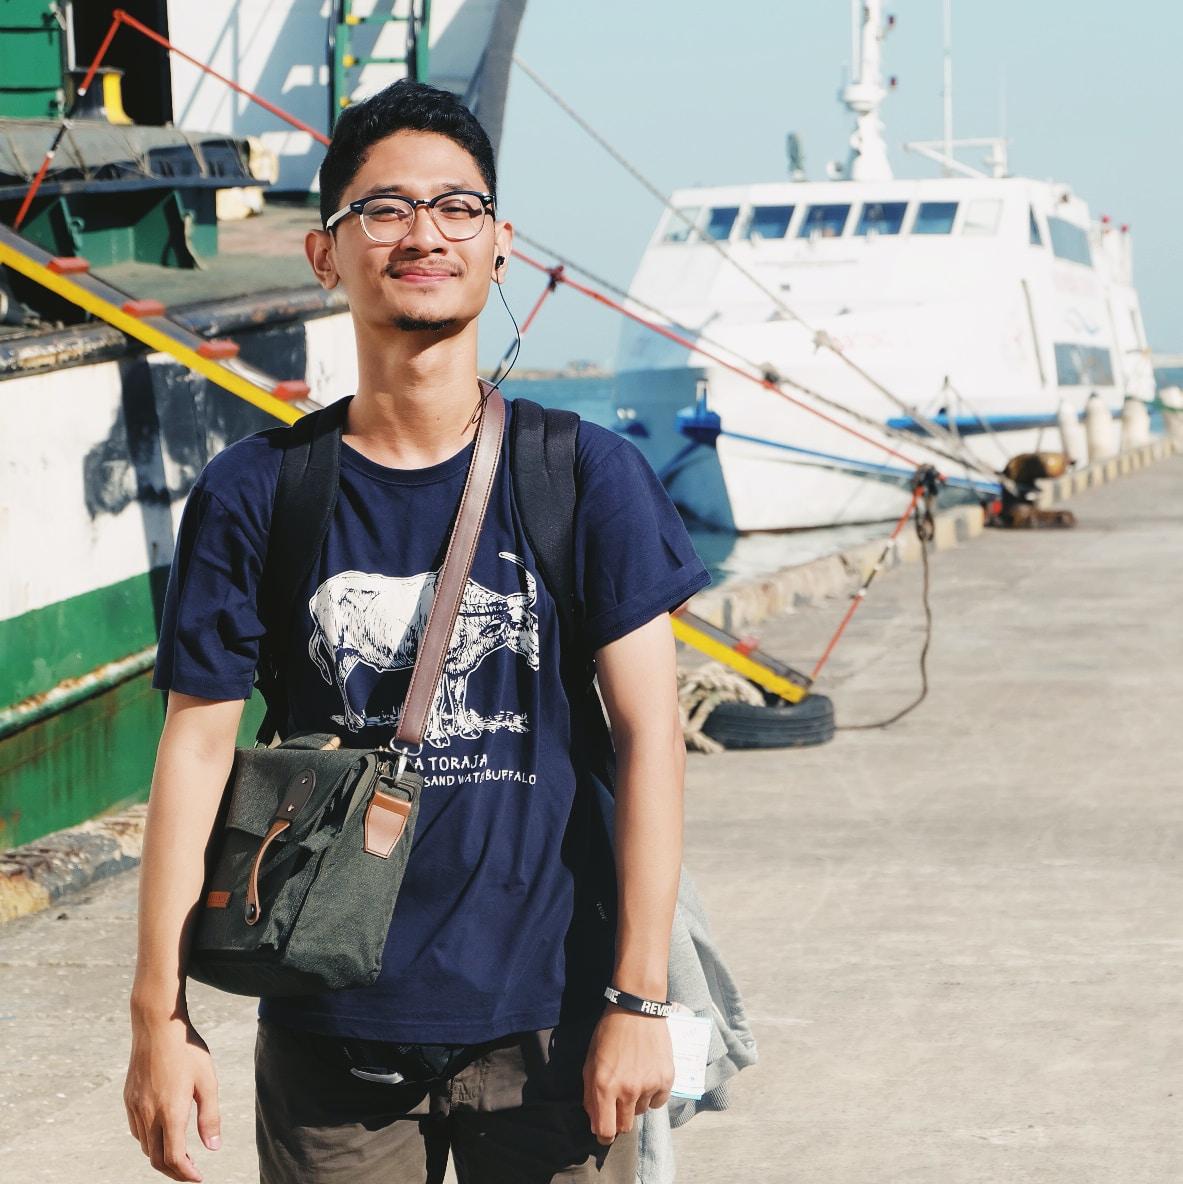 Go to Bintang Dwi Cahyo's profile